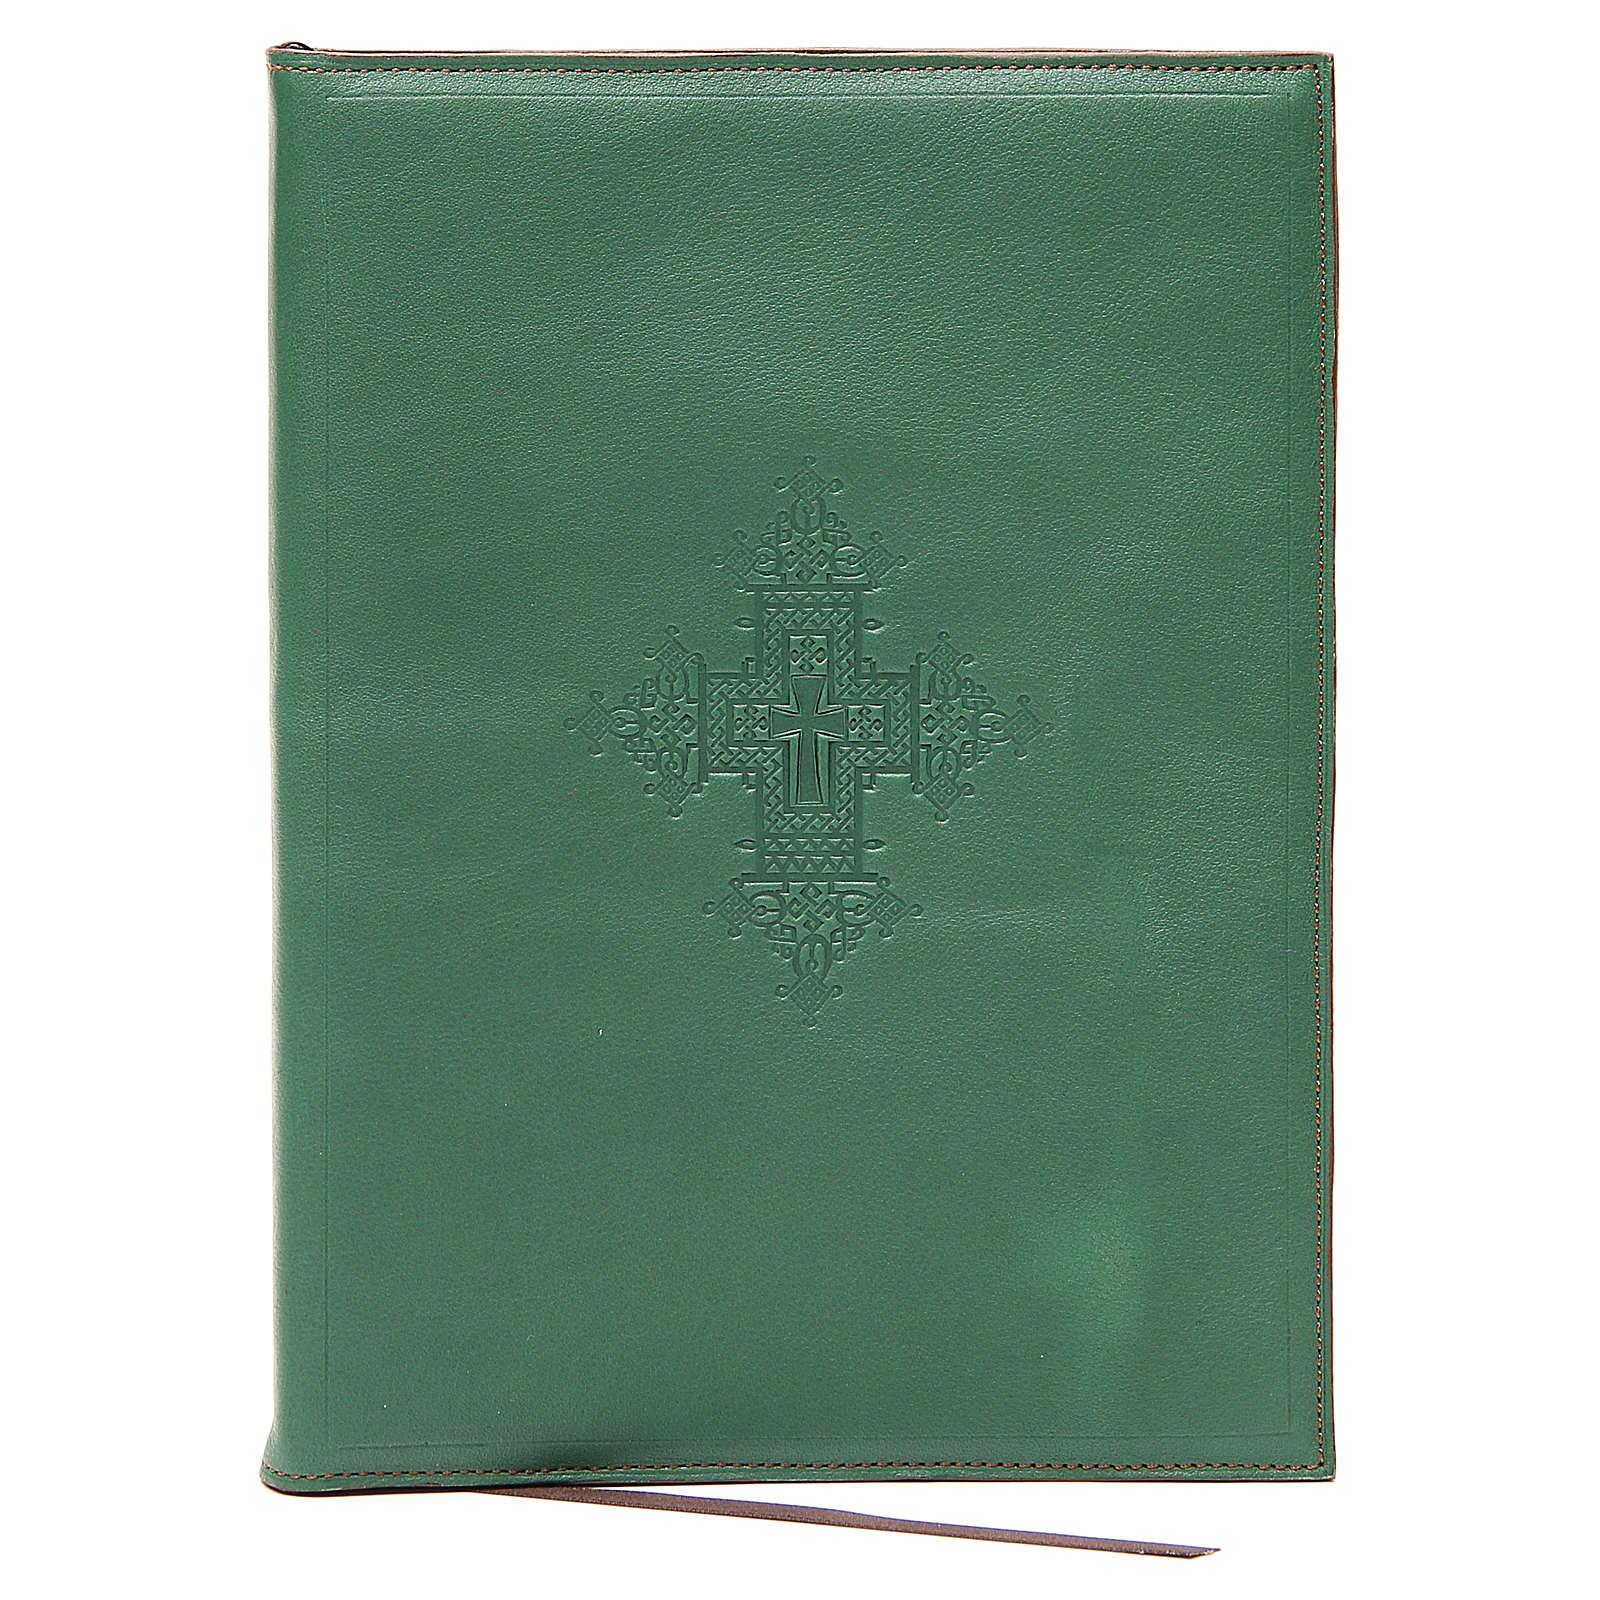 Capa para rituais litúrgicos couro tamanho A5 verde cruz Monges Belém  4